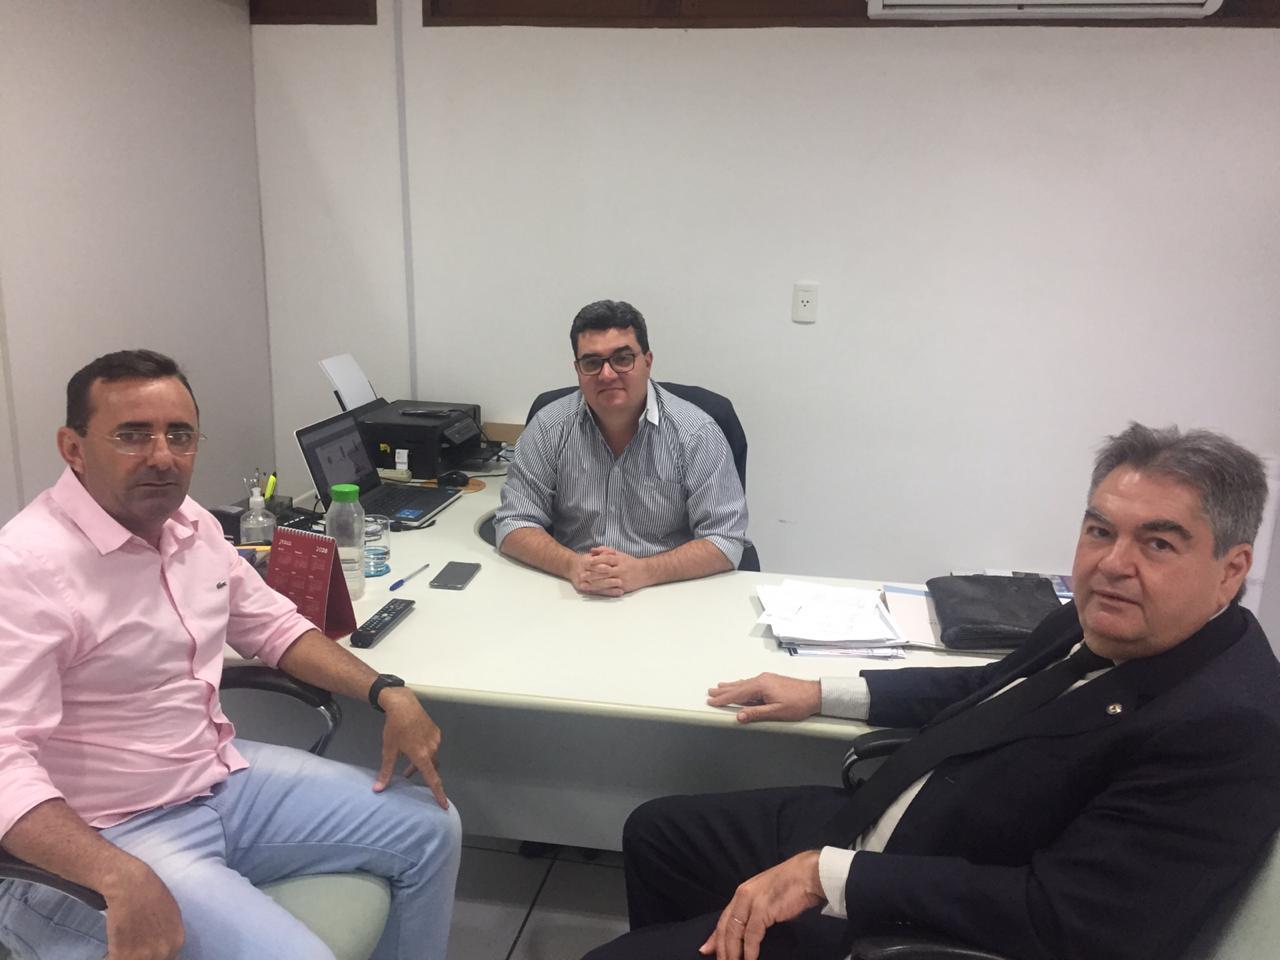 WhatsApp Image 2019 10 02 at 17.10.27 - Tarifa Verde: Lindolfo Pires articula ida da Sudema  e da Aesa a Sousa para regularizar licenças dos produtores rurais da região